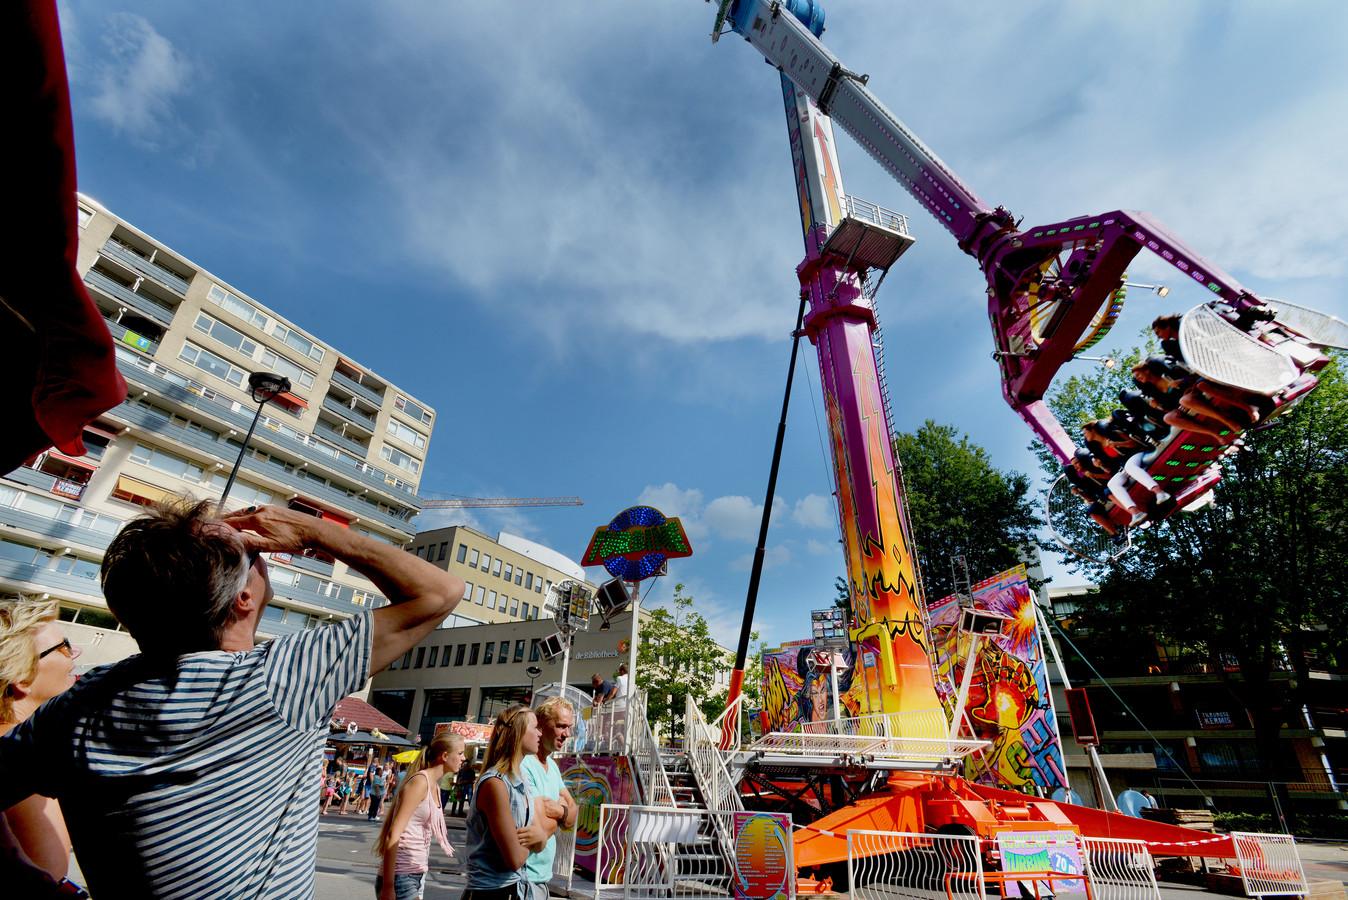 Grote attracties zoals de Turbine, hier op de Paleisring tijdens een eerdere editie van de Tilburgse Kermis, kunnen straks nog steeds terecht op het Stadsforum.